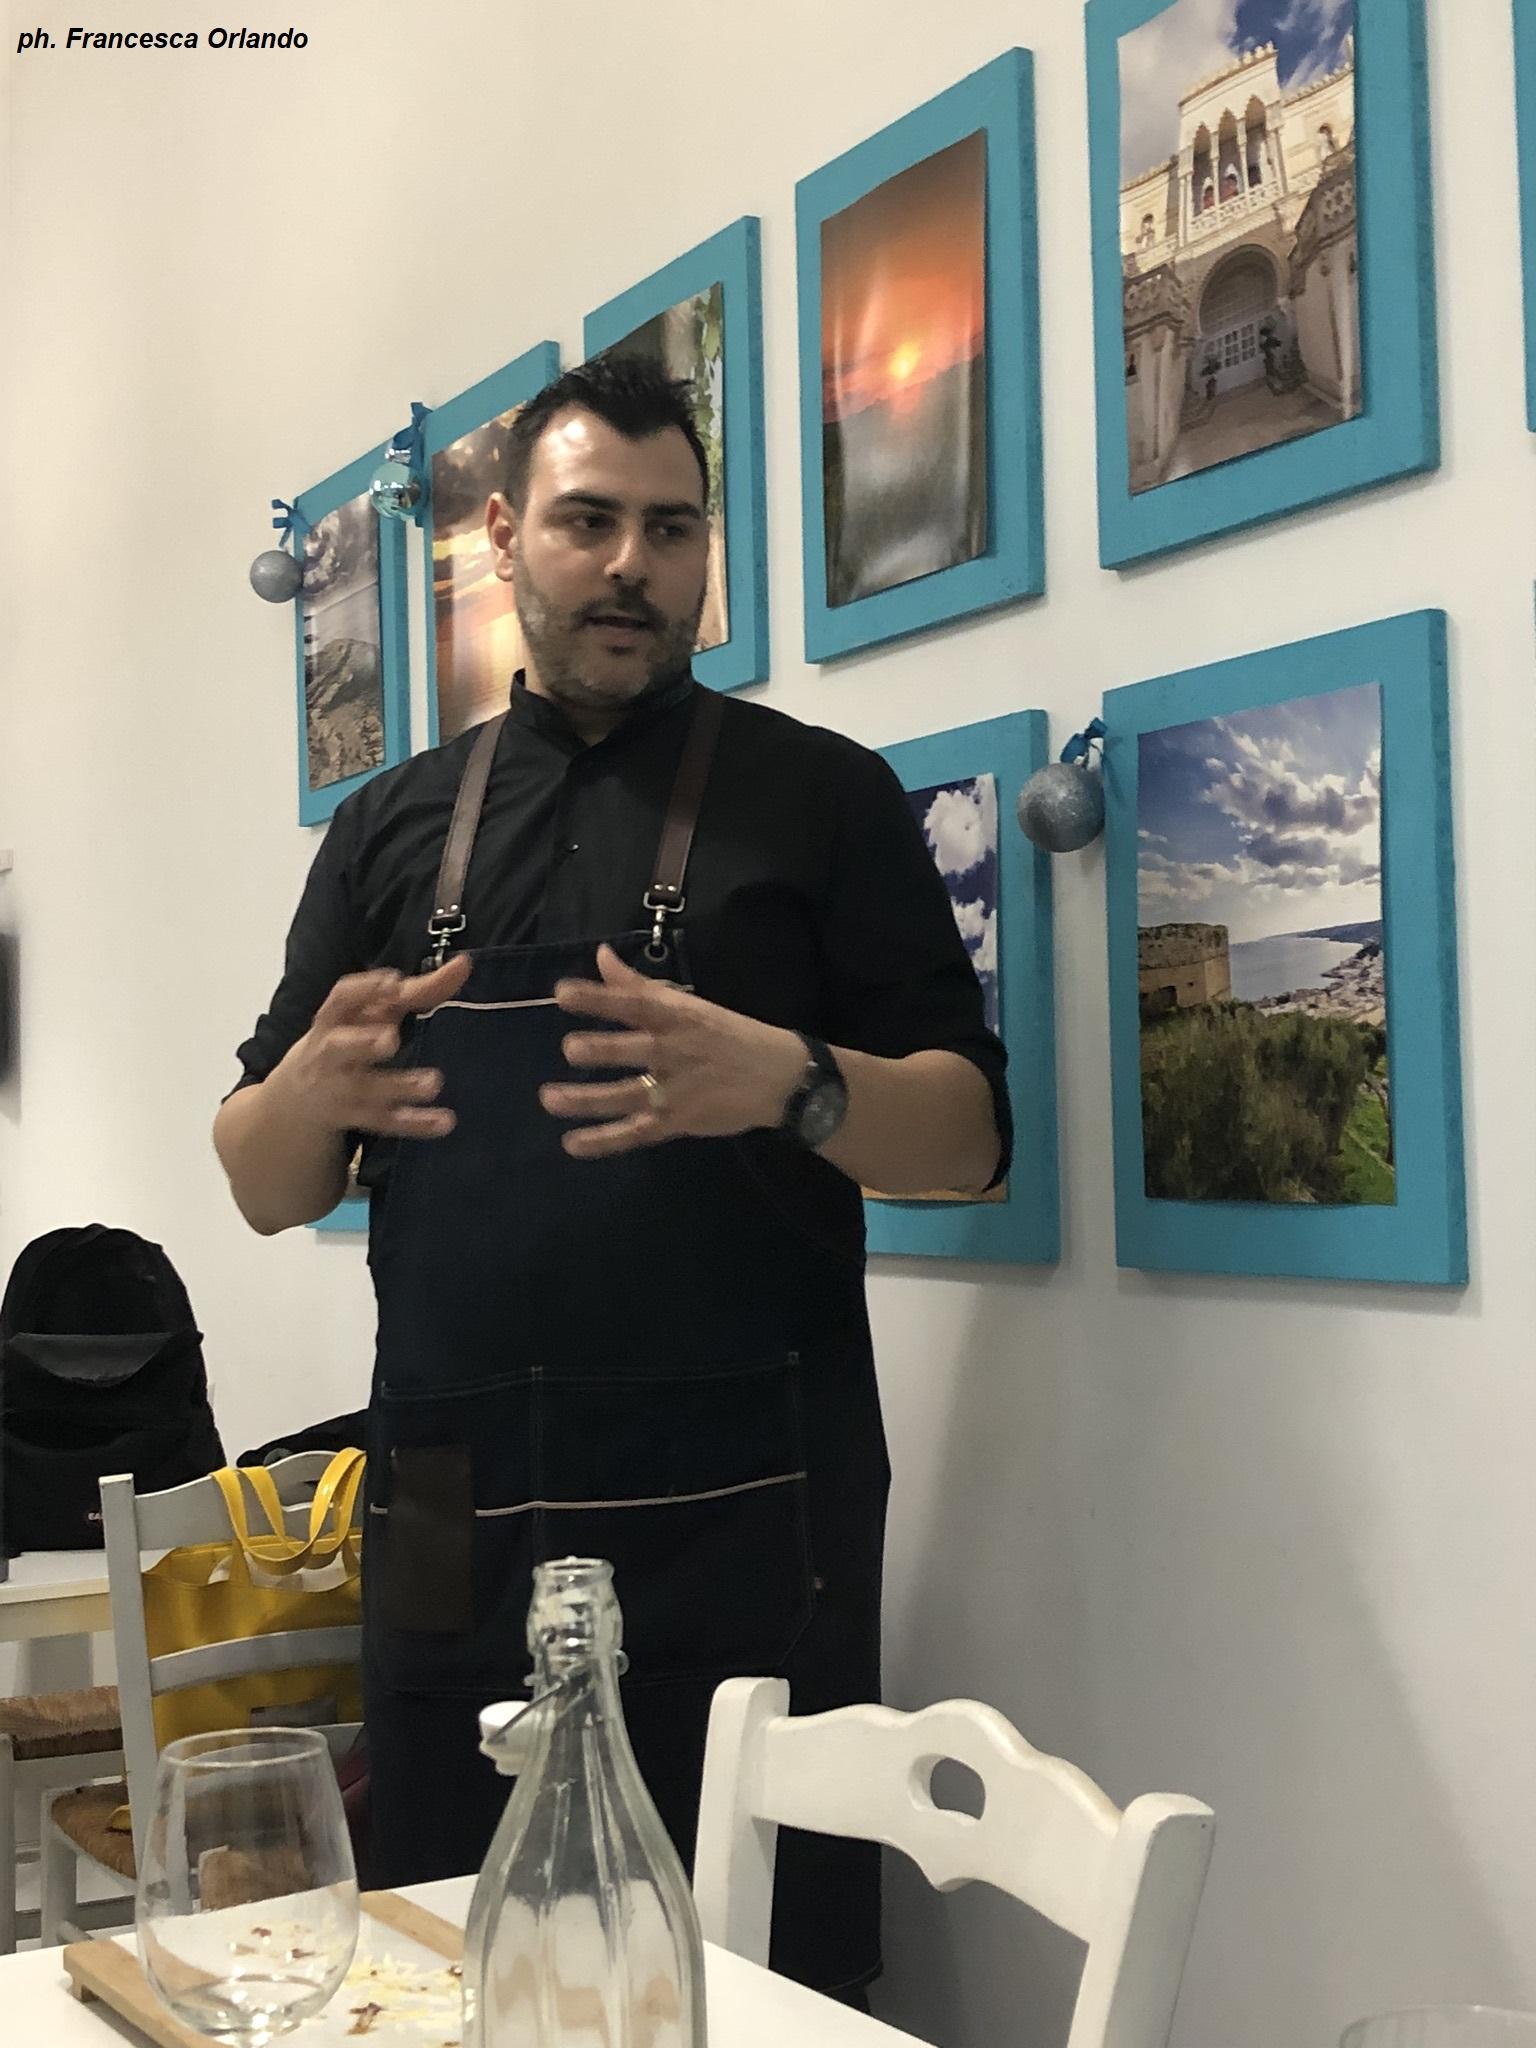 Offishina ristorante Danilo Romano